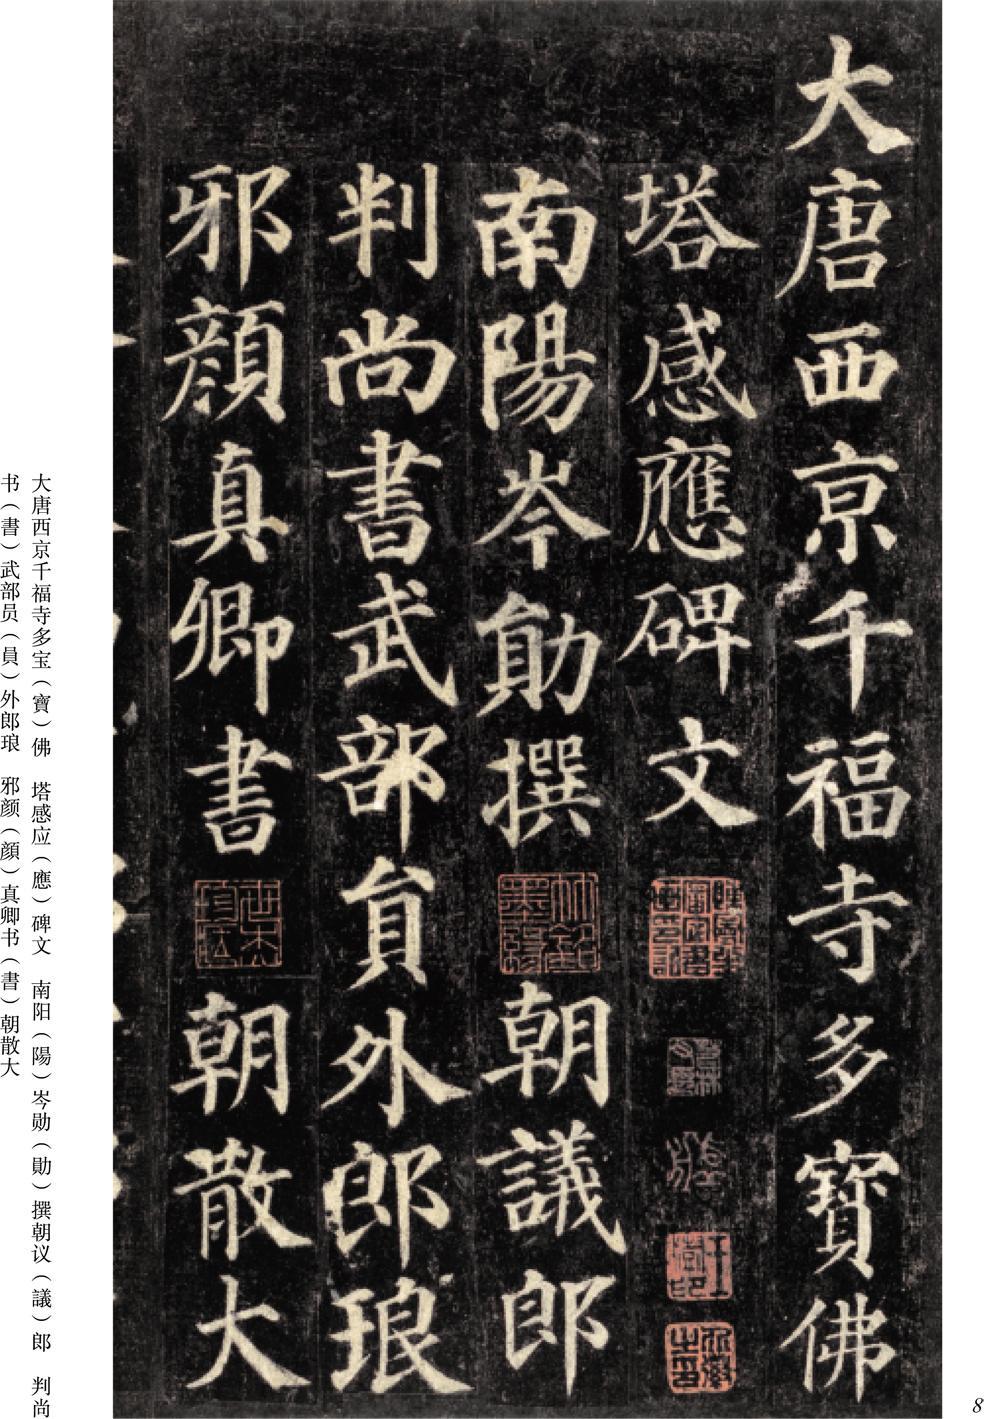 中国最具代表性书法作品(第2版)颜真卿《多宝塔碑》